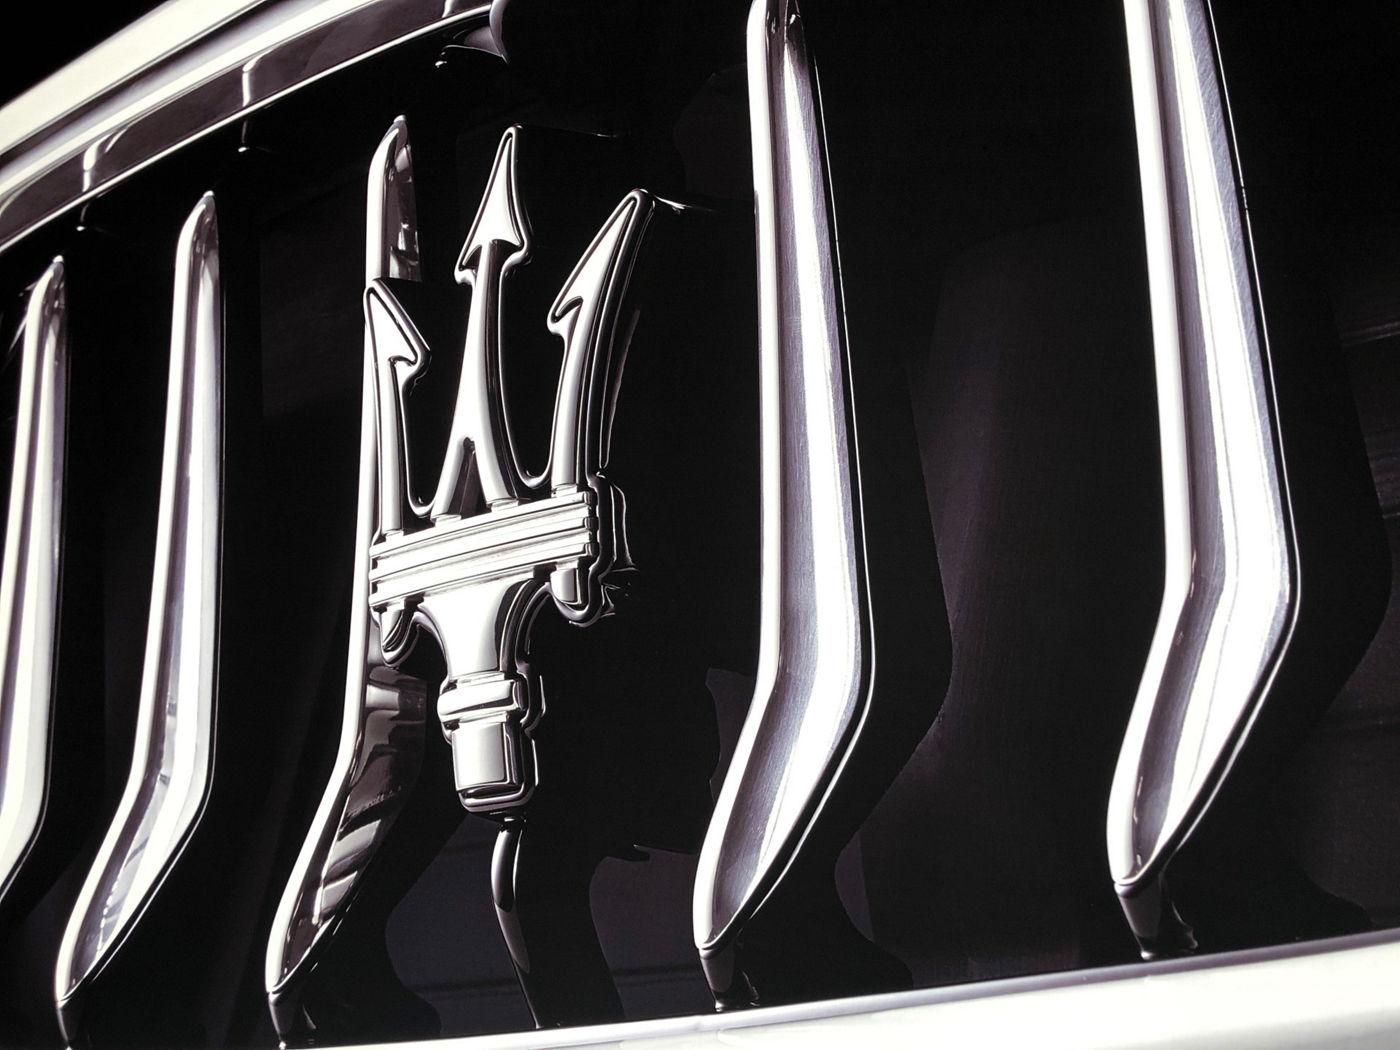 Dettaglio logo del tridente Maserati sulla griglia anteriore